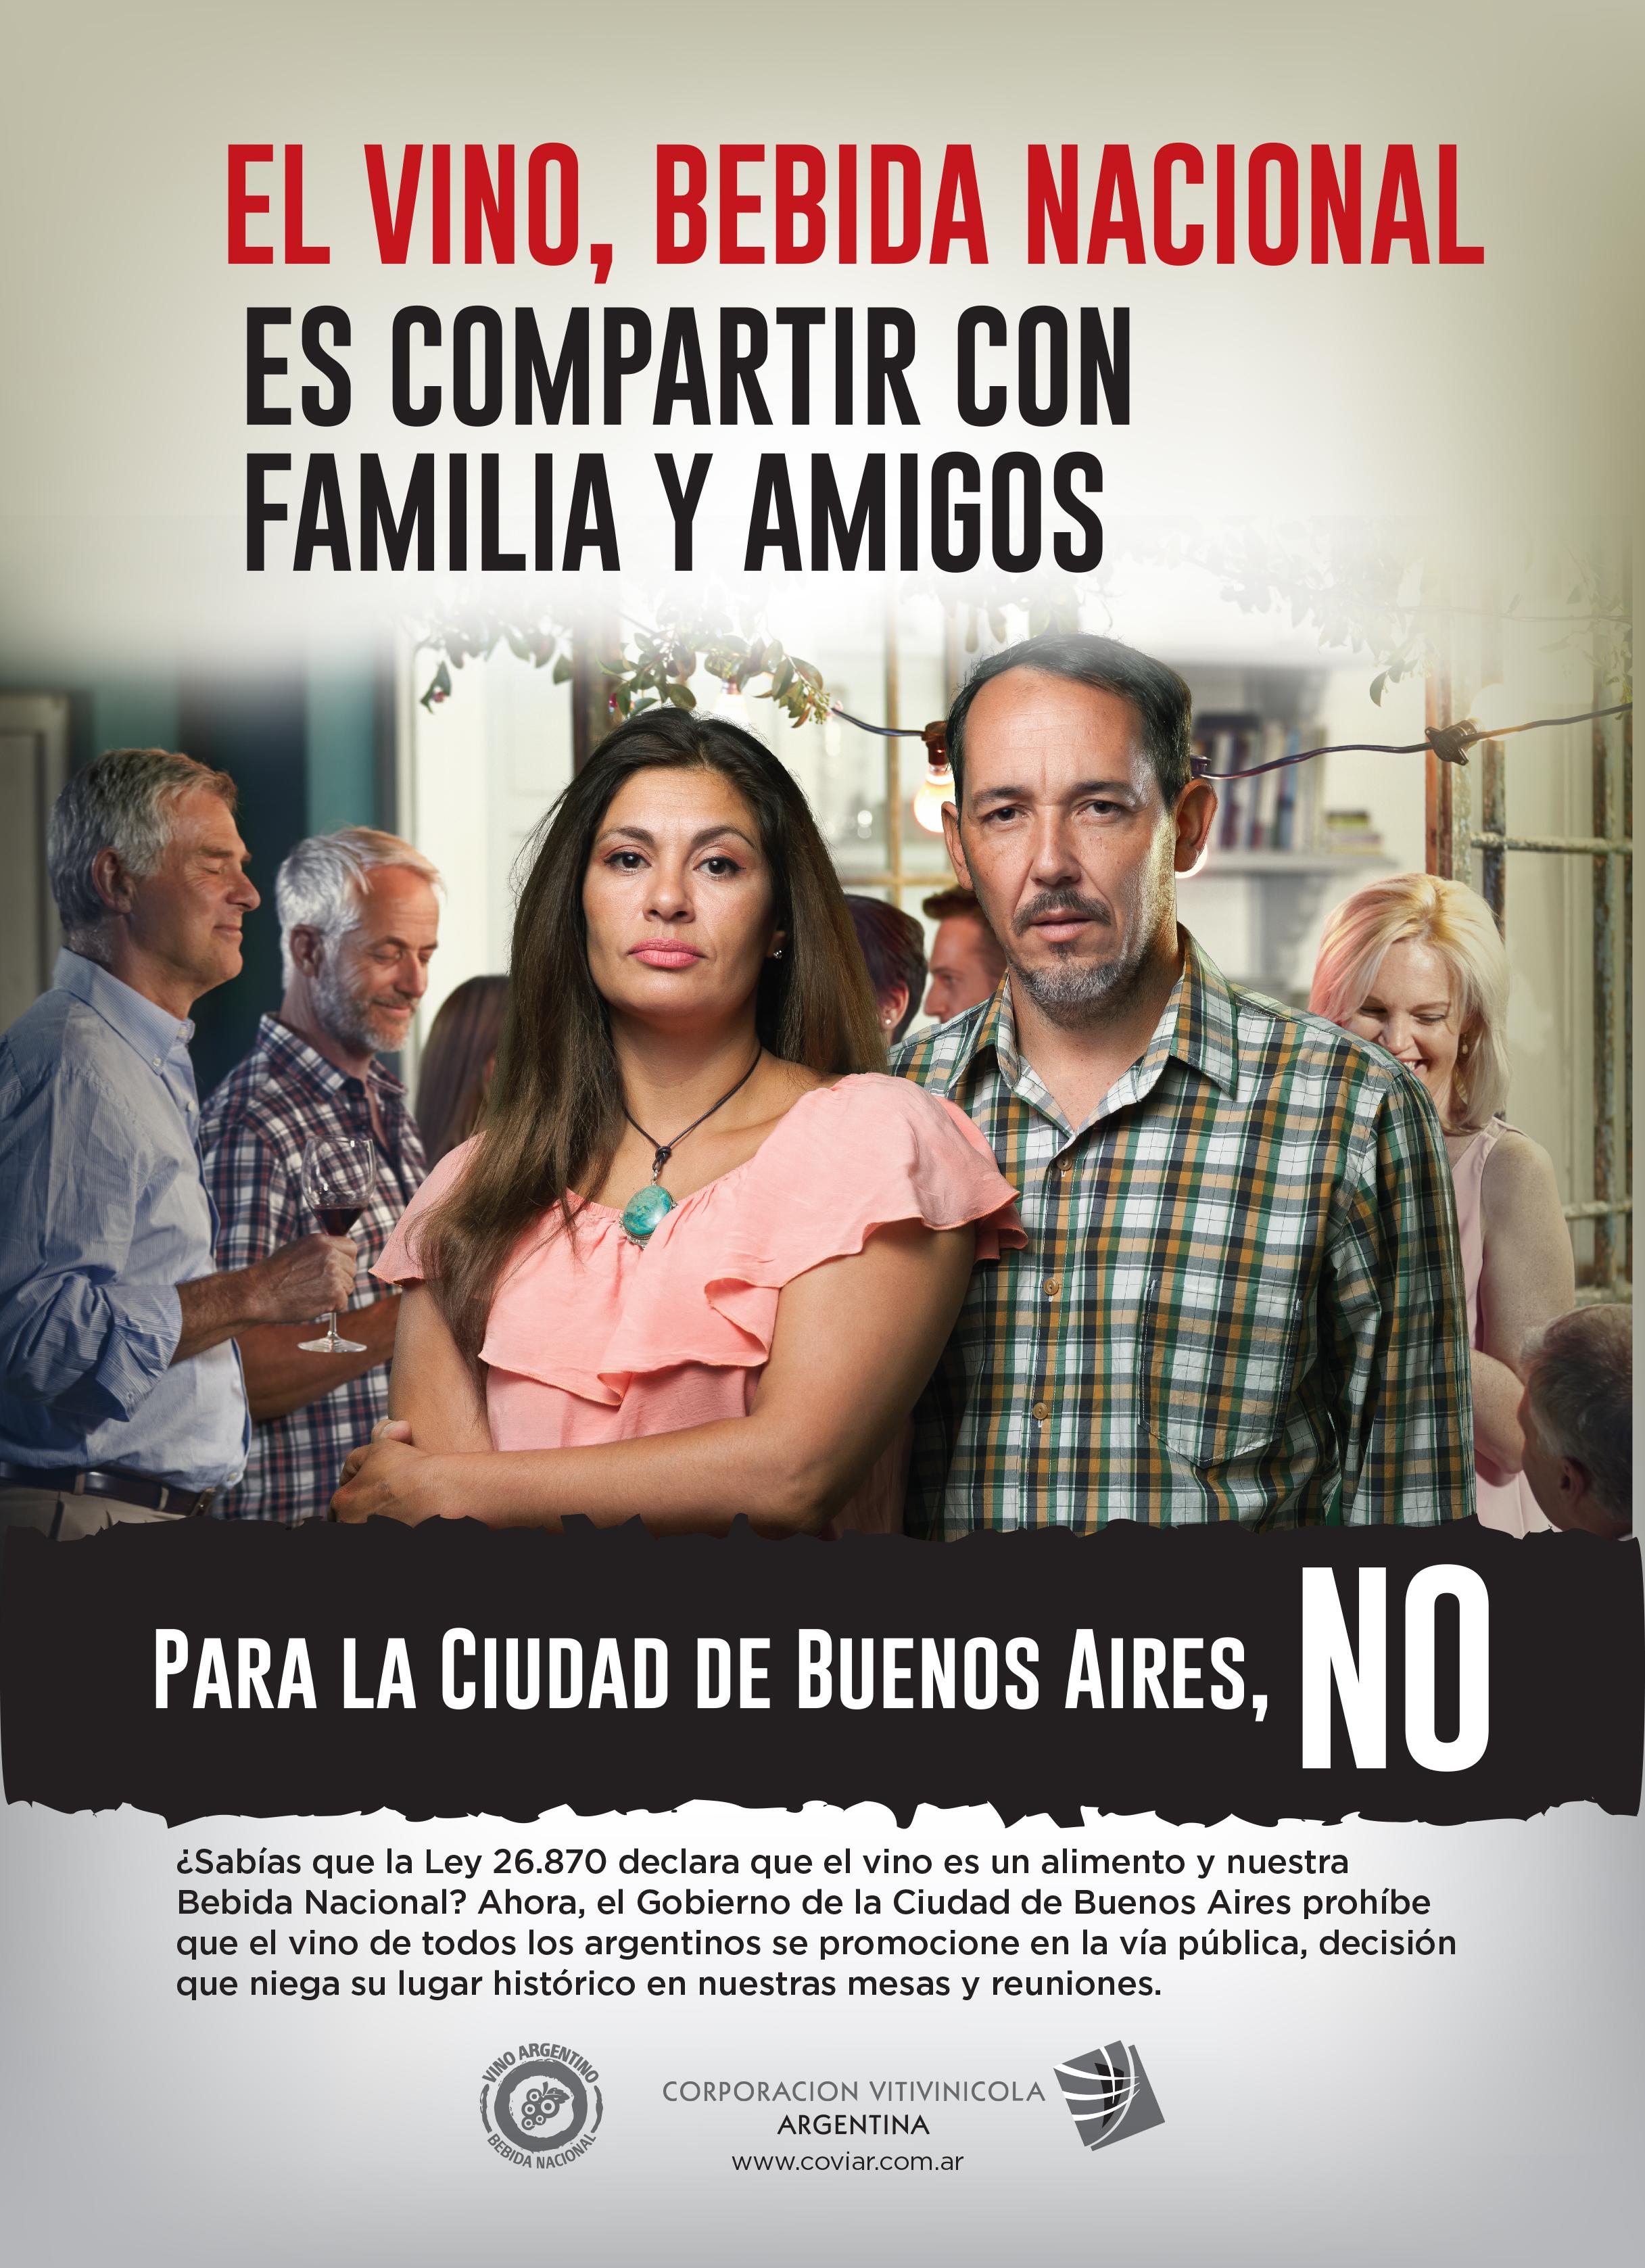 El vino es nuestra Bebida Nacional, para la Ciudad de Buenos Aires, no. Info para comprender el conflicto.